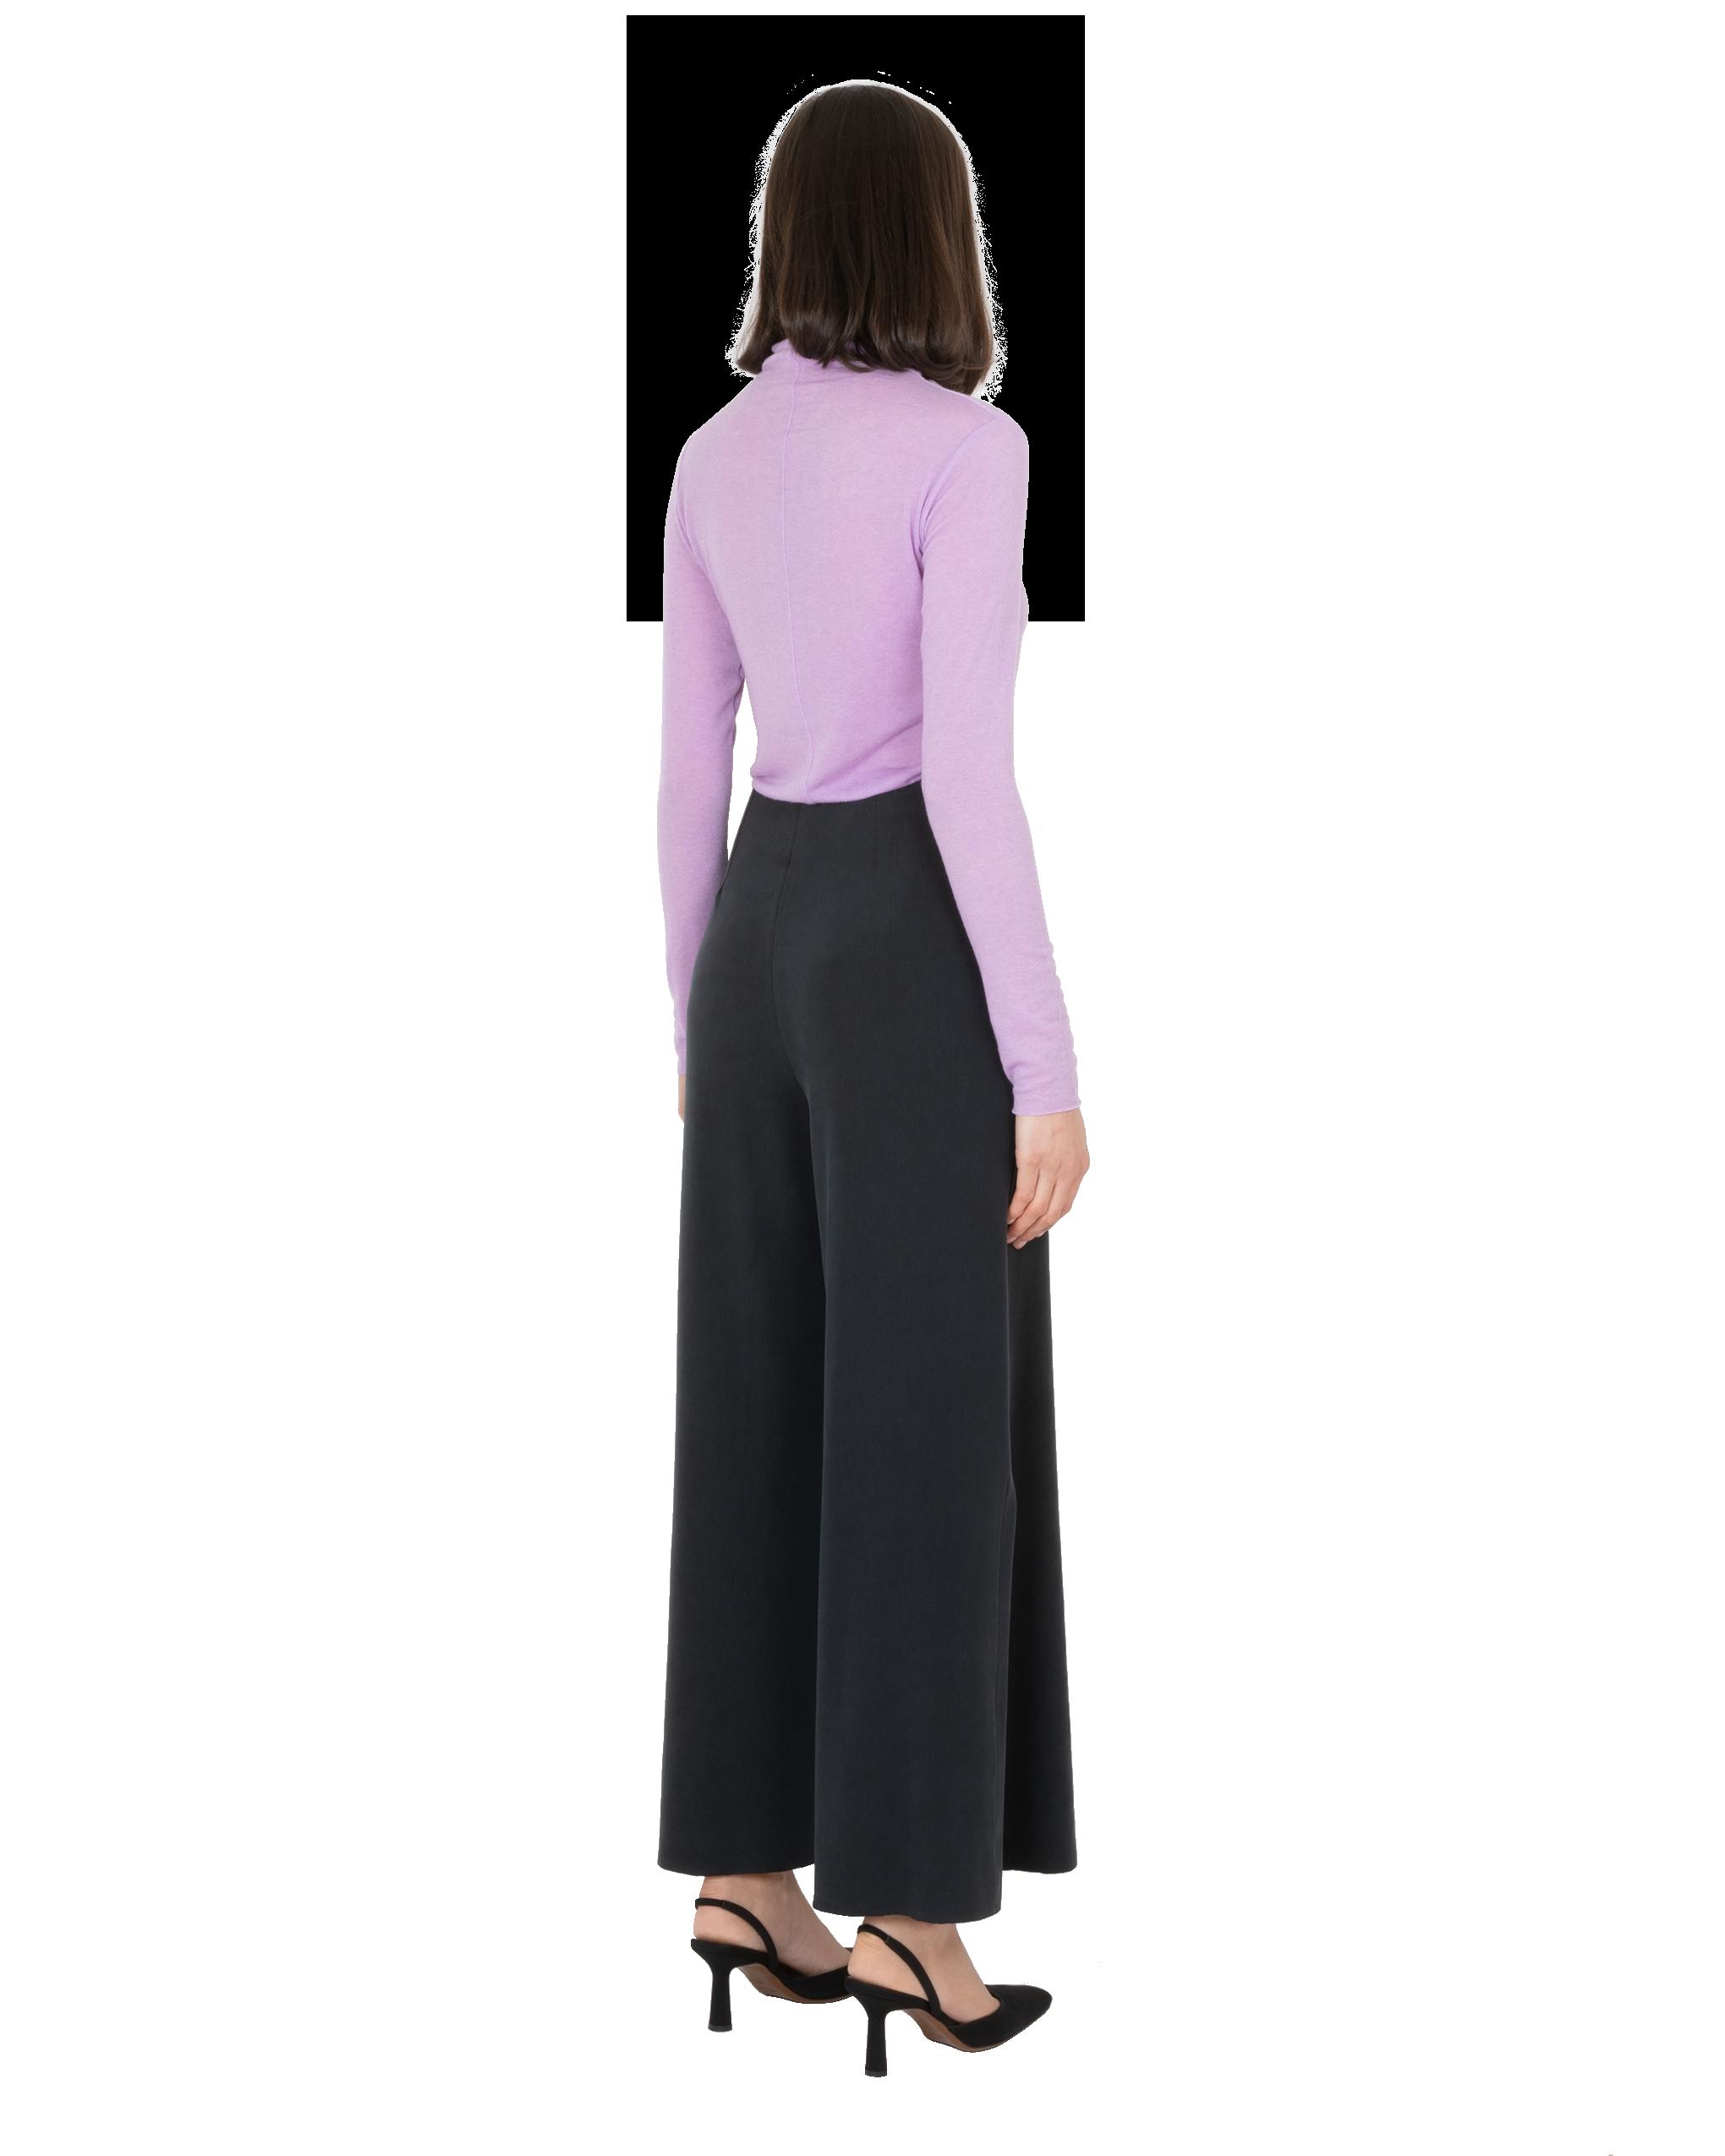 Model wearing EMIN + PAUL violet second skin wool blouse.